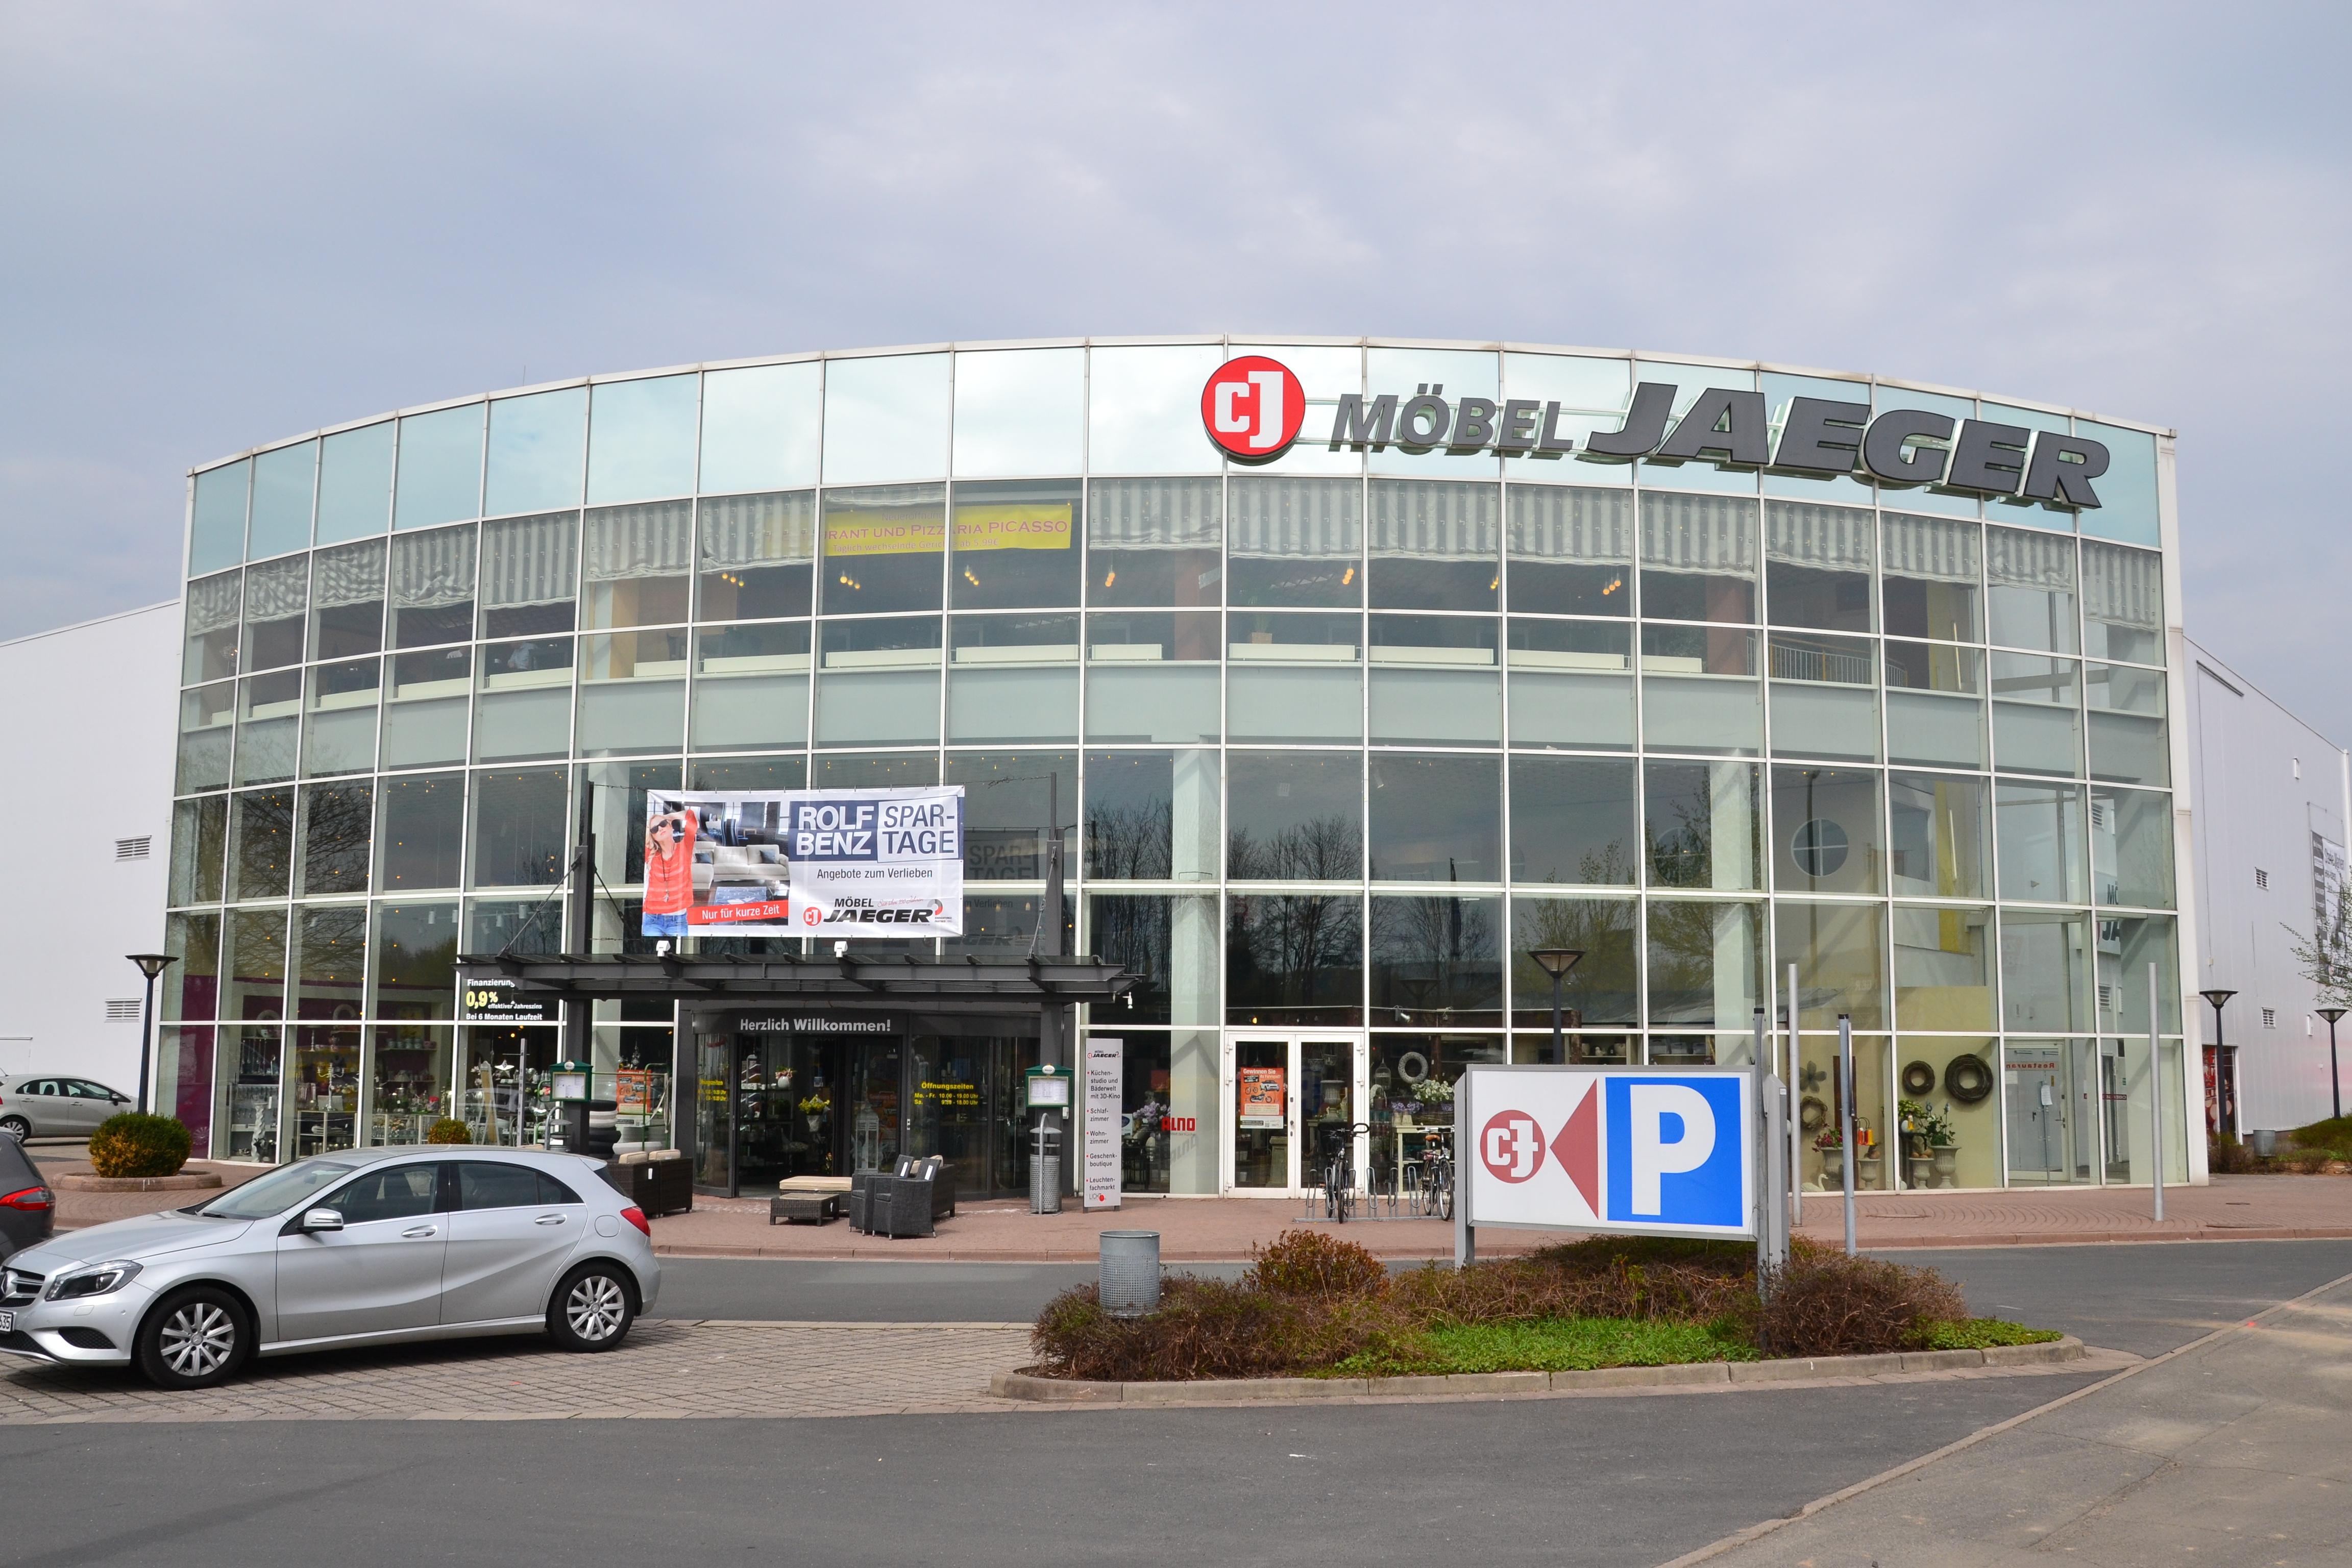 cj-moebel-jaeger--goettingen banner